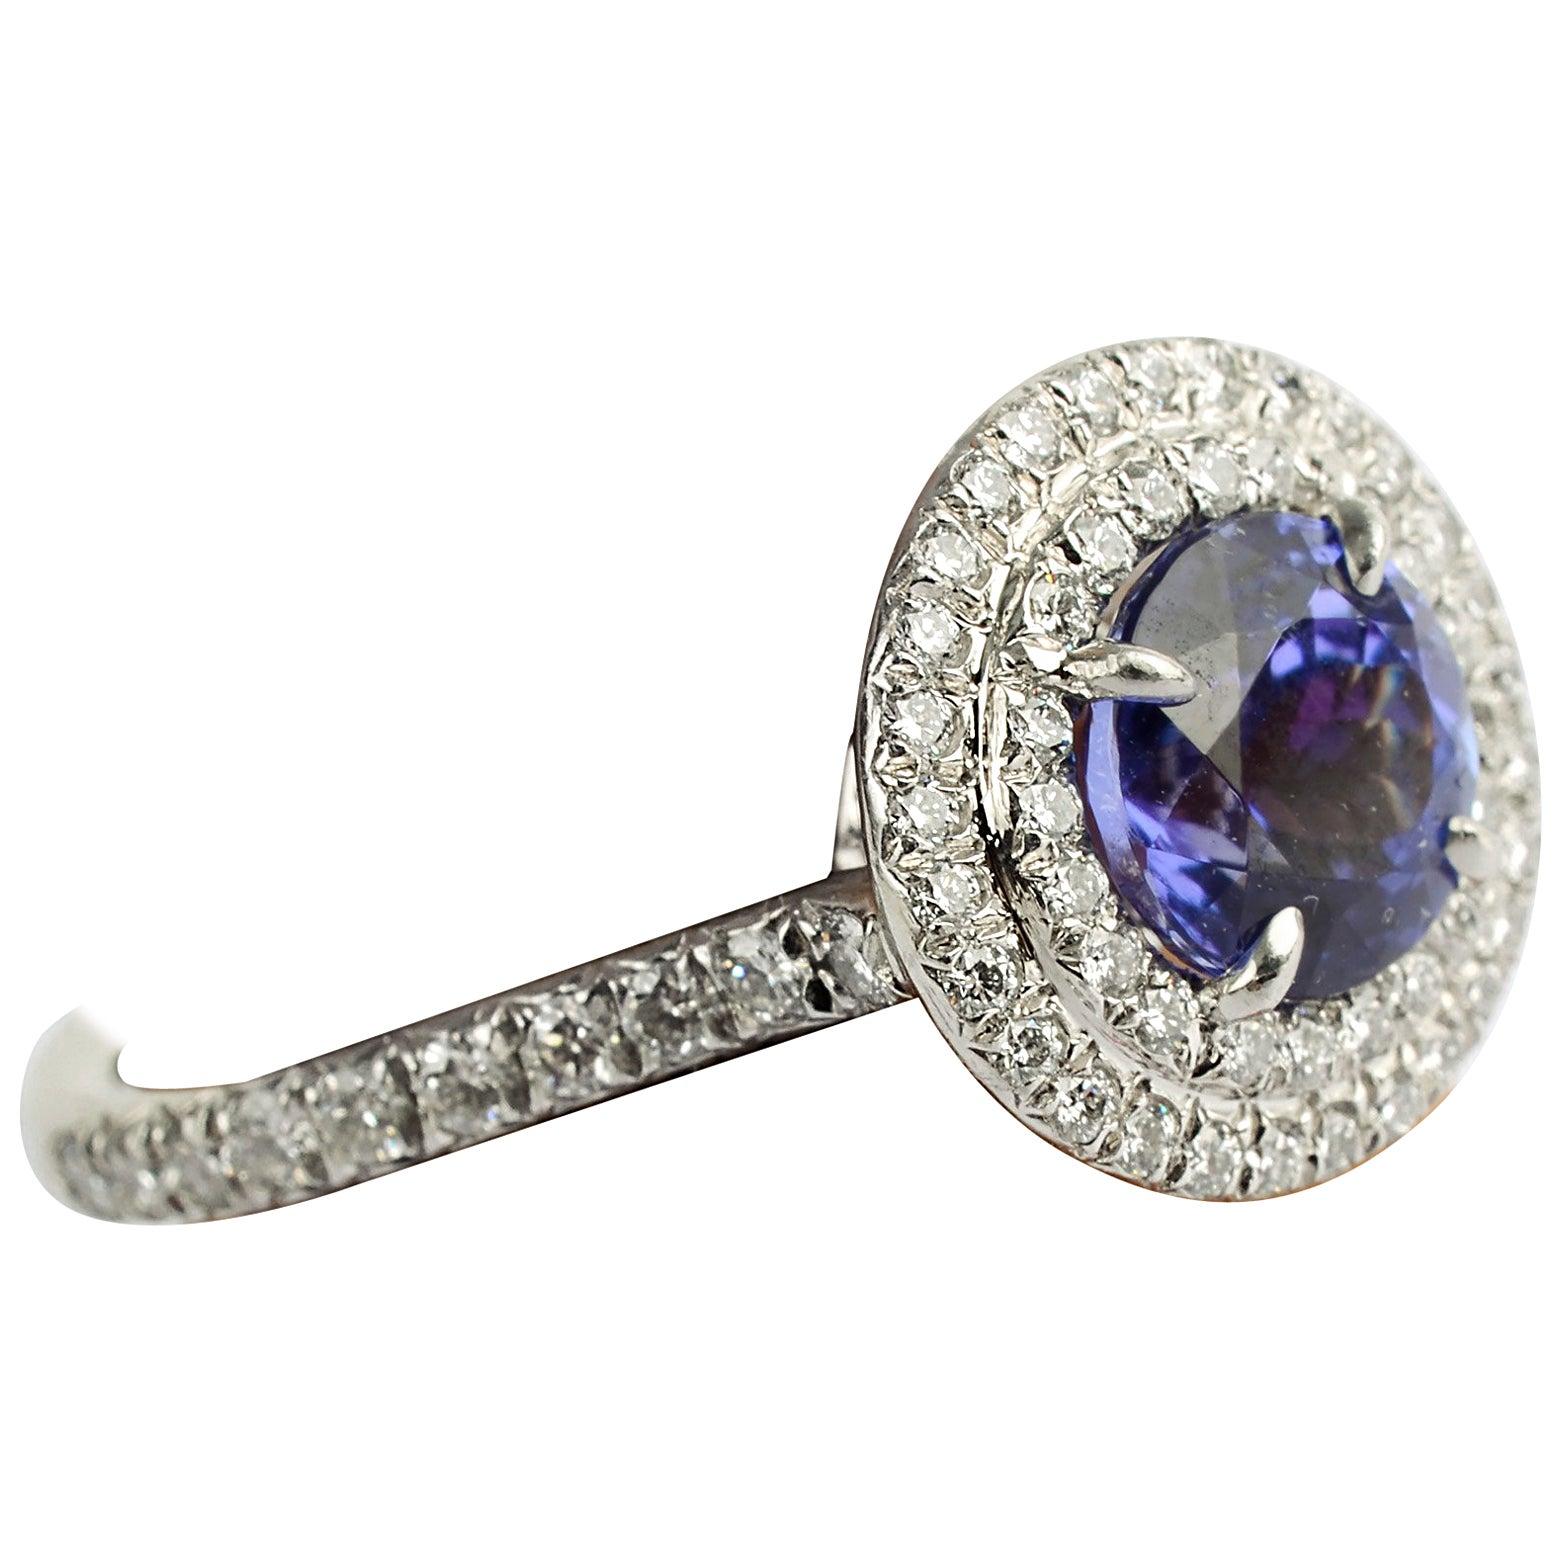 Tiffany & Co. Soleste Tanzanite and Diamond Ring